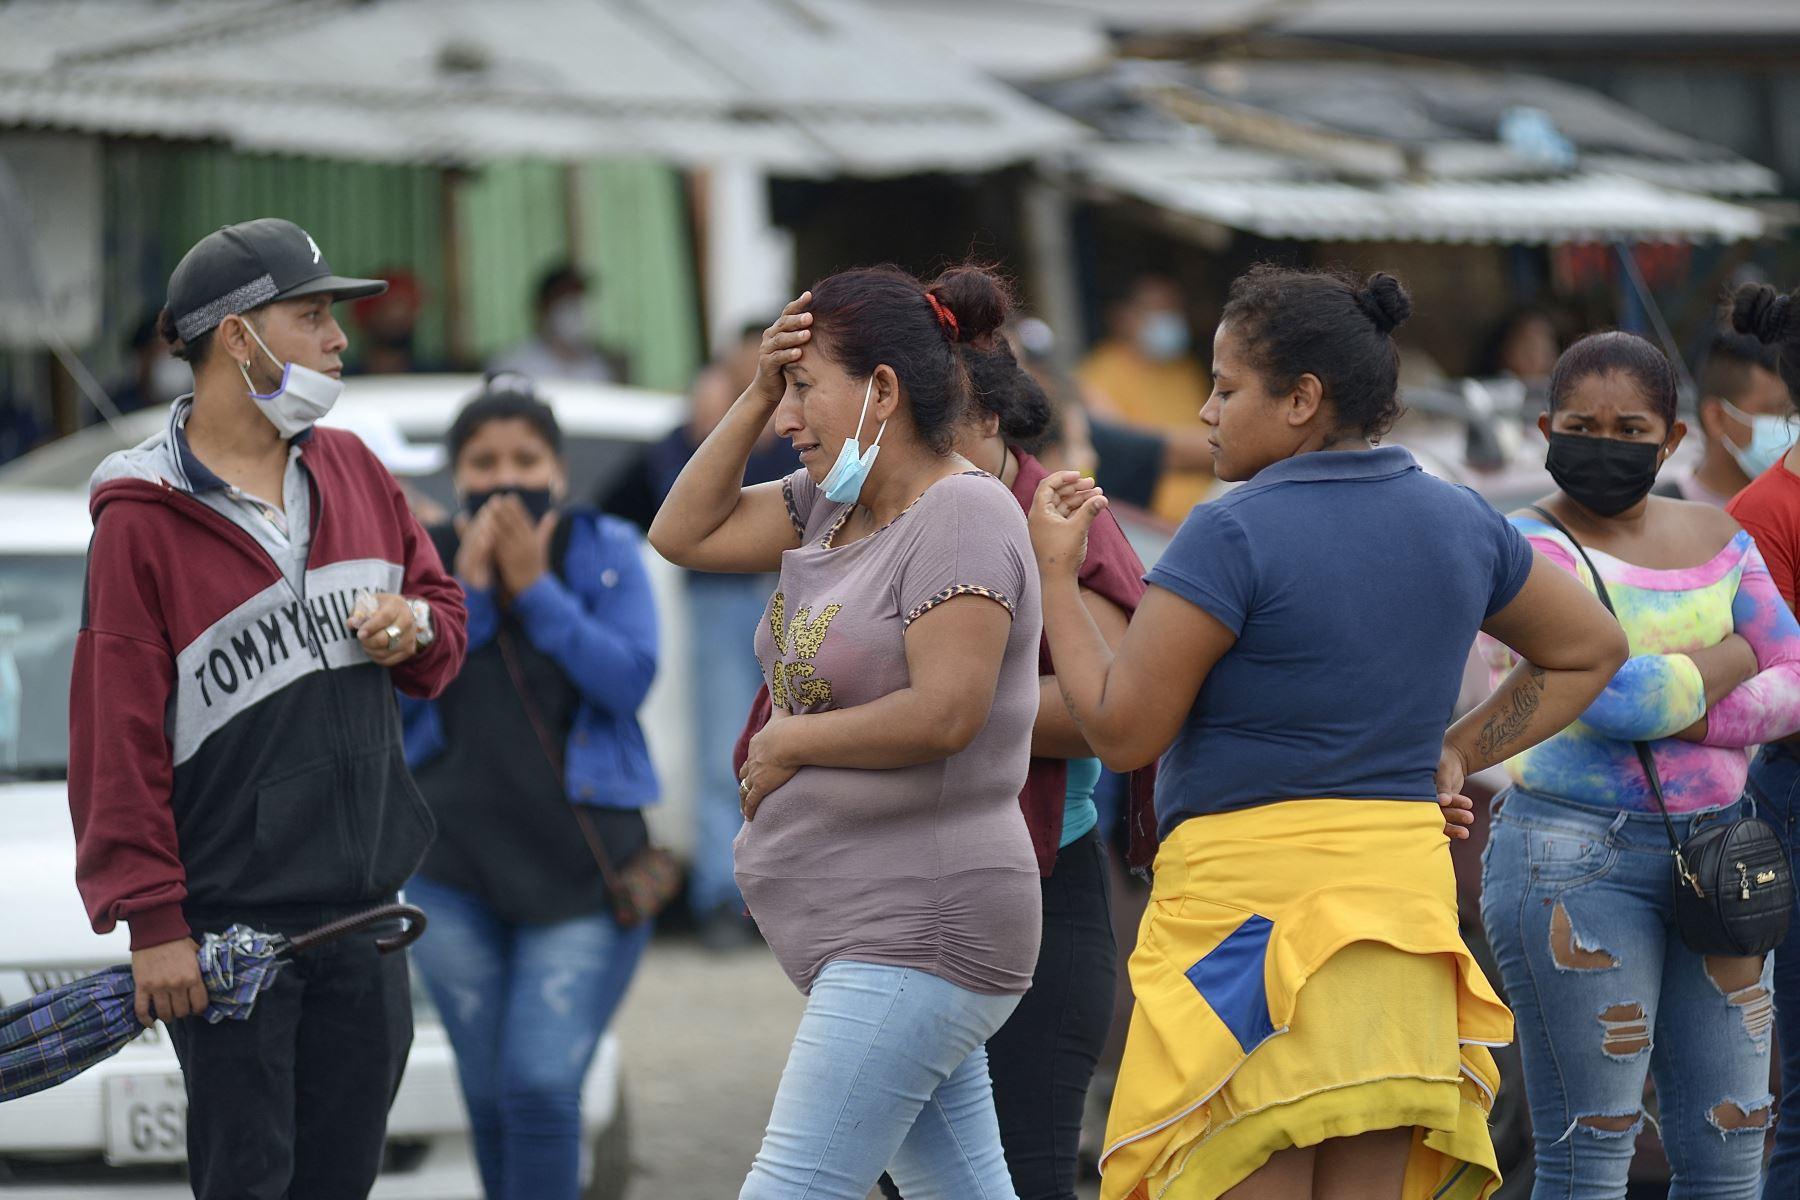 Los familiares de los presos en el Centro de Privación de Libertad Zona 8 son vistos mientras esperan noticias, en Guayaquil, Ecuador.Al menos 50 presos murieron en disturbios en tres cárceles en Ecuador. Foto AFP